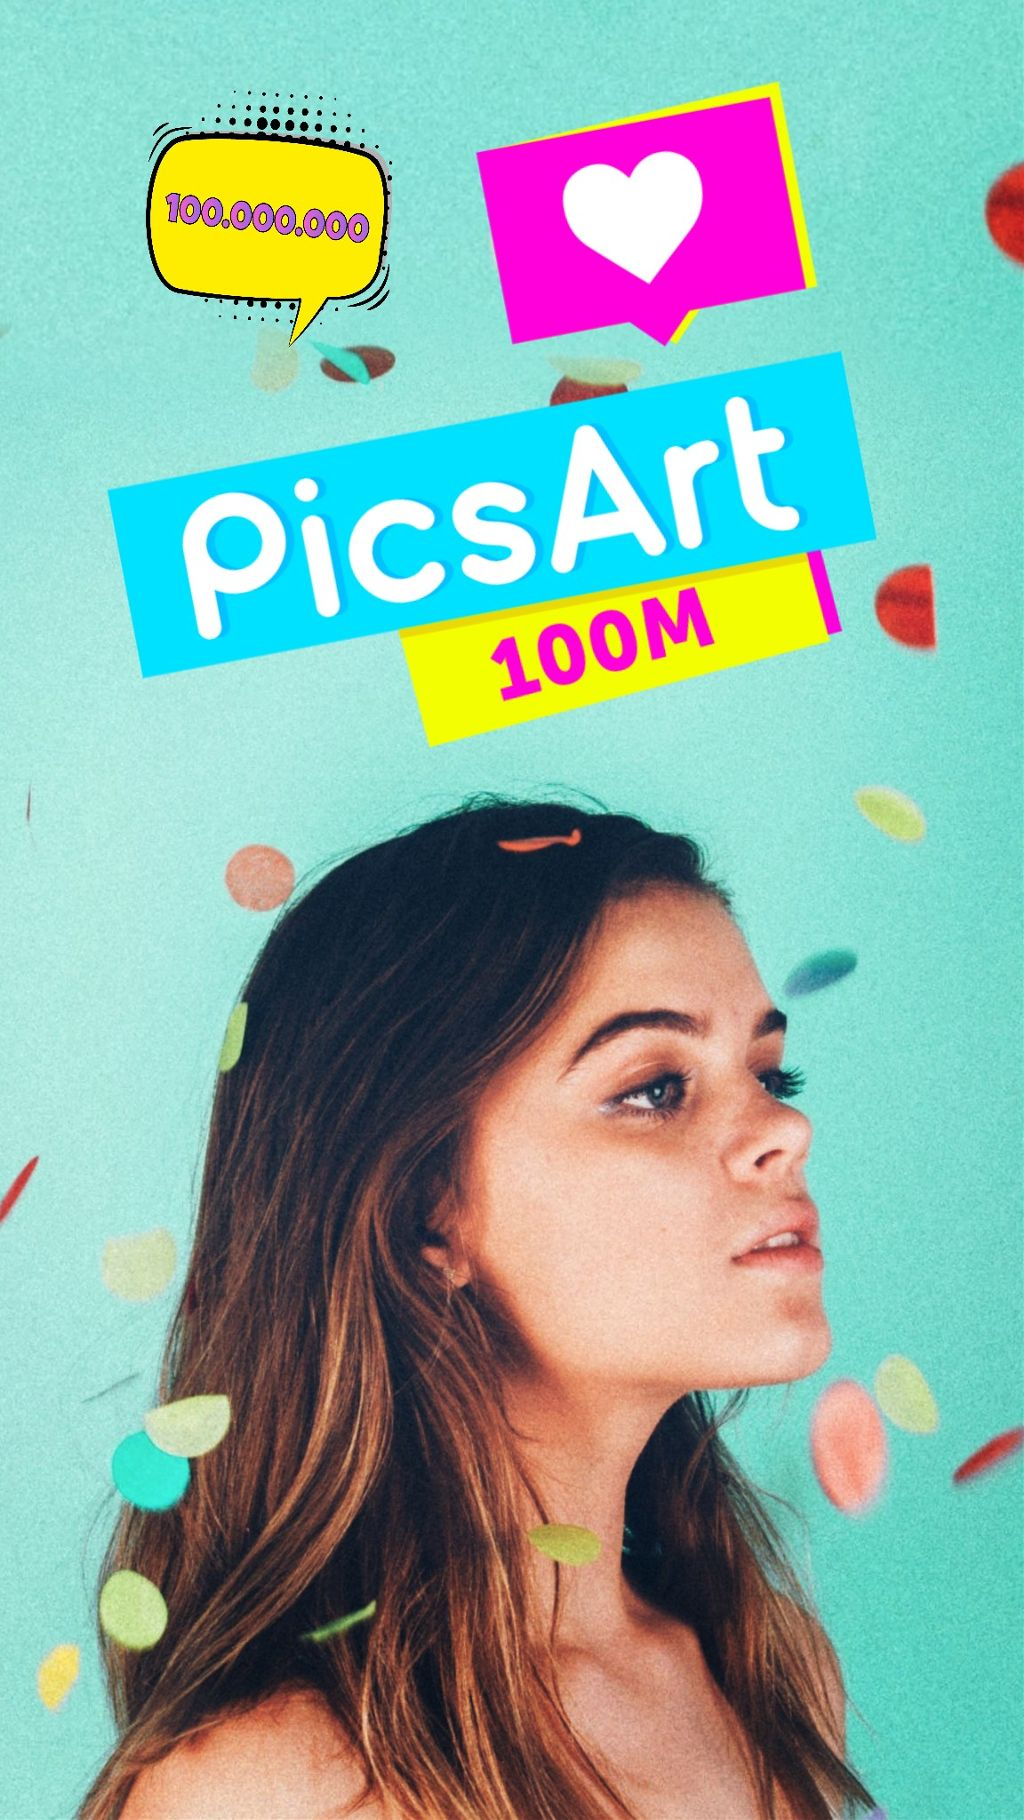 100M #picsart100million #madewithpicsart